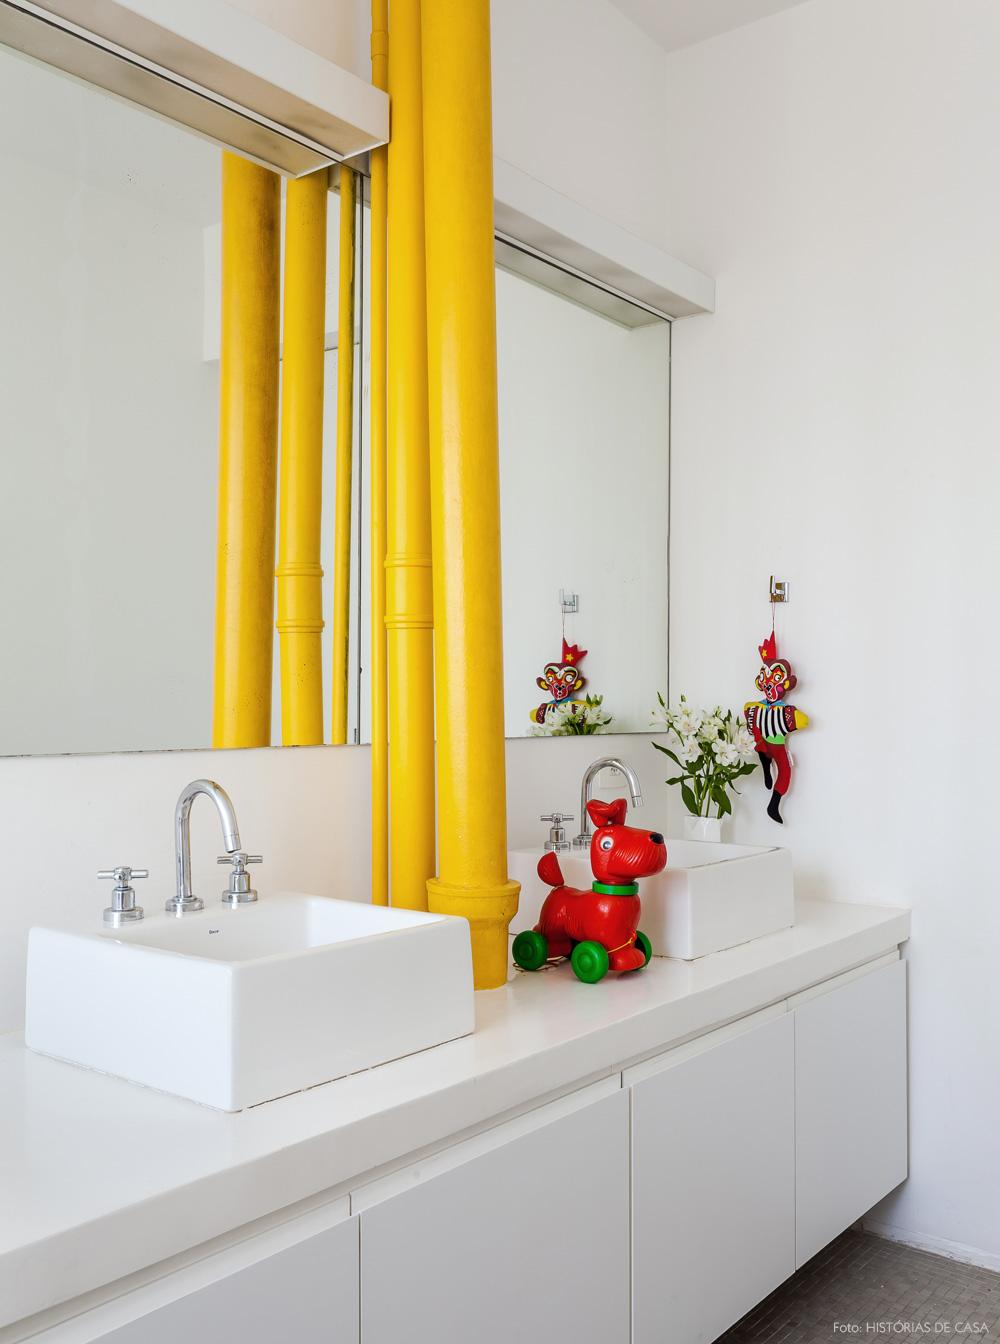 30-decoracao-banheiro-tubulacao-pintada-amarelo